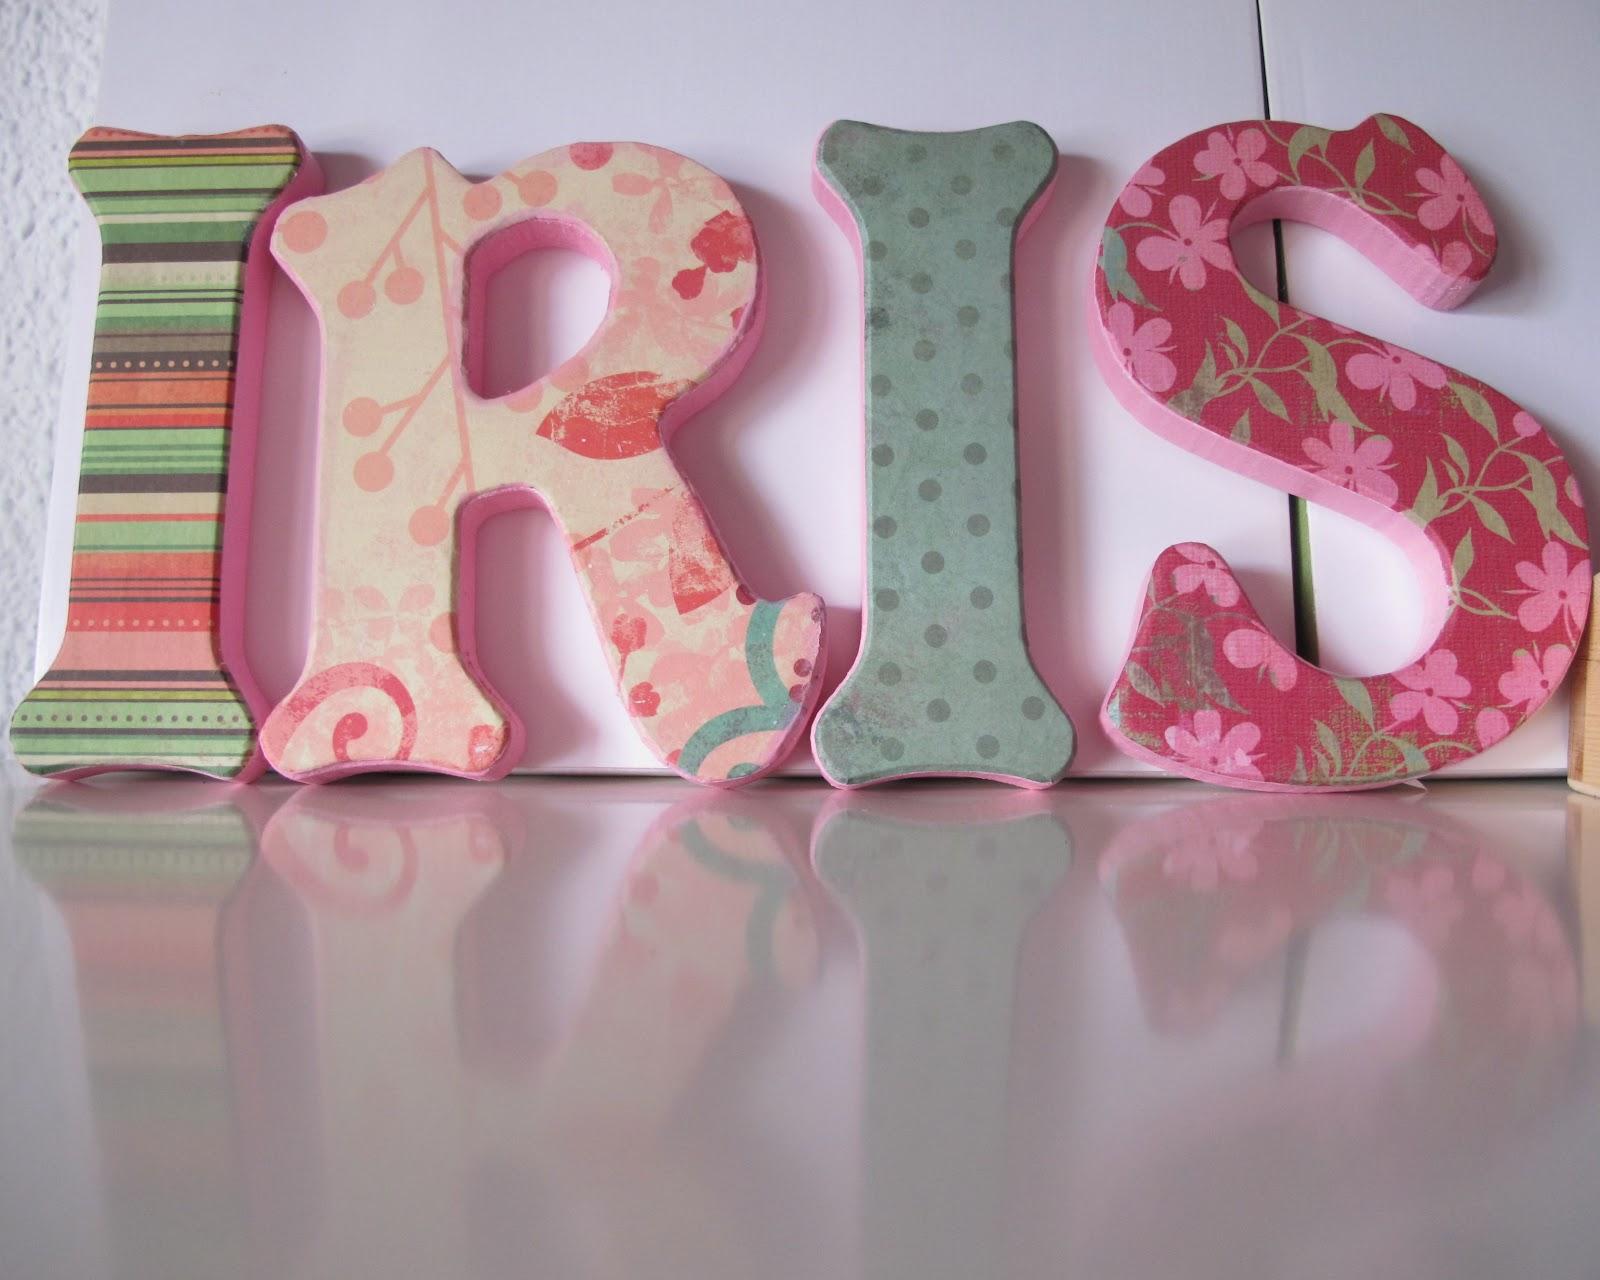 Letras decoradas de nombres imagui - Letras grandes decoradas ...